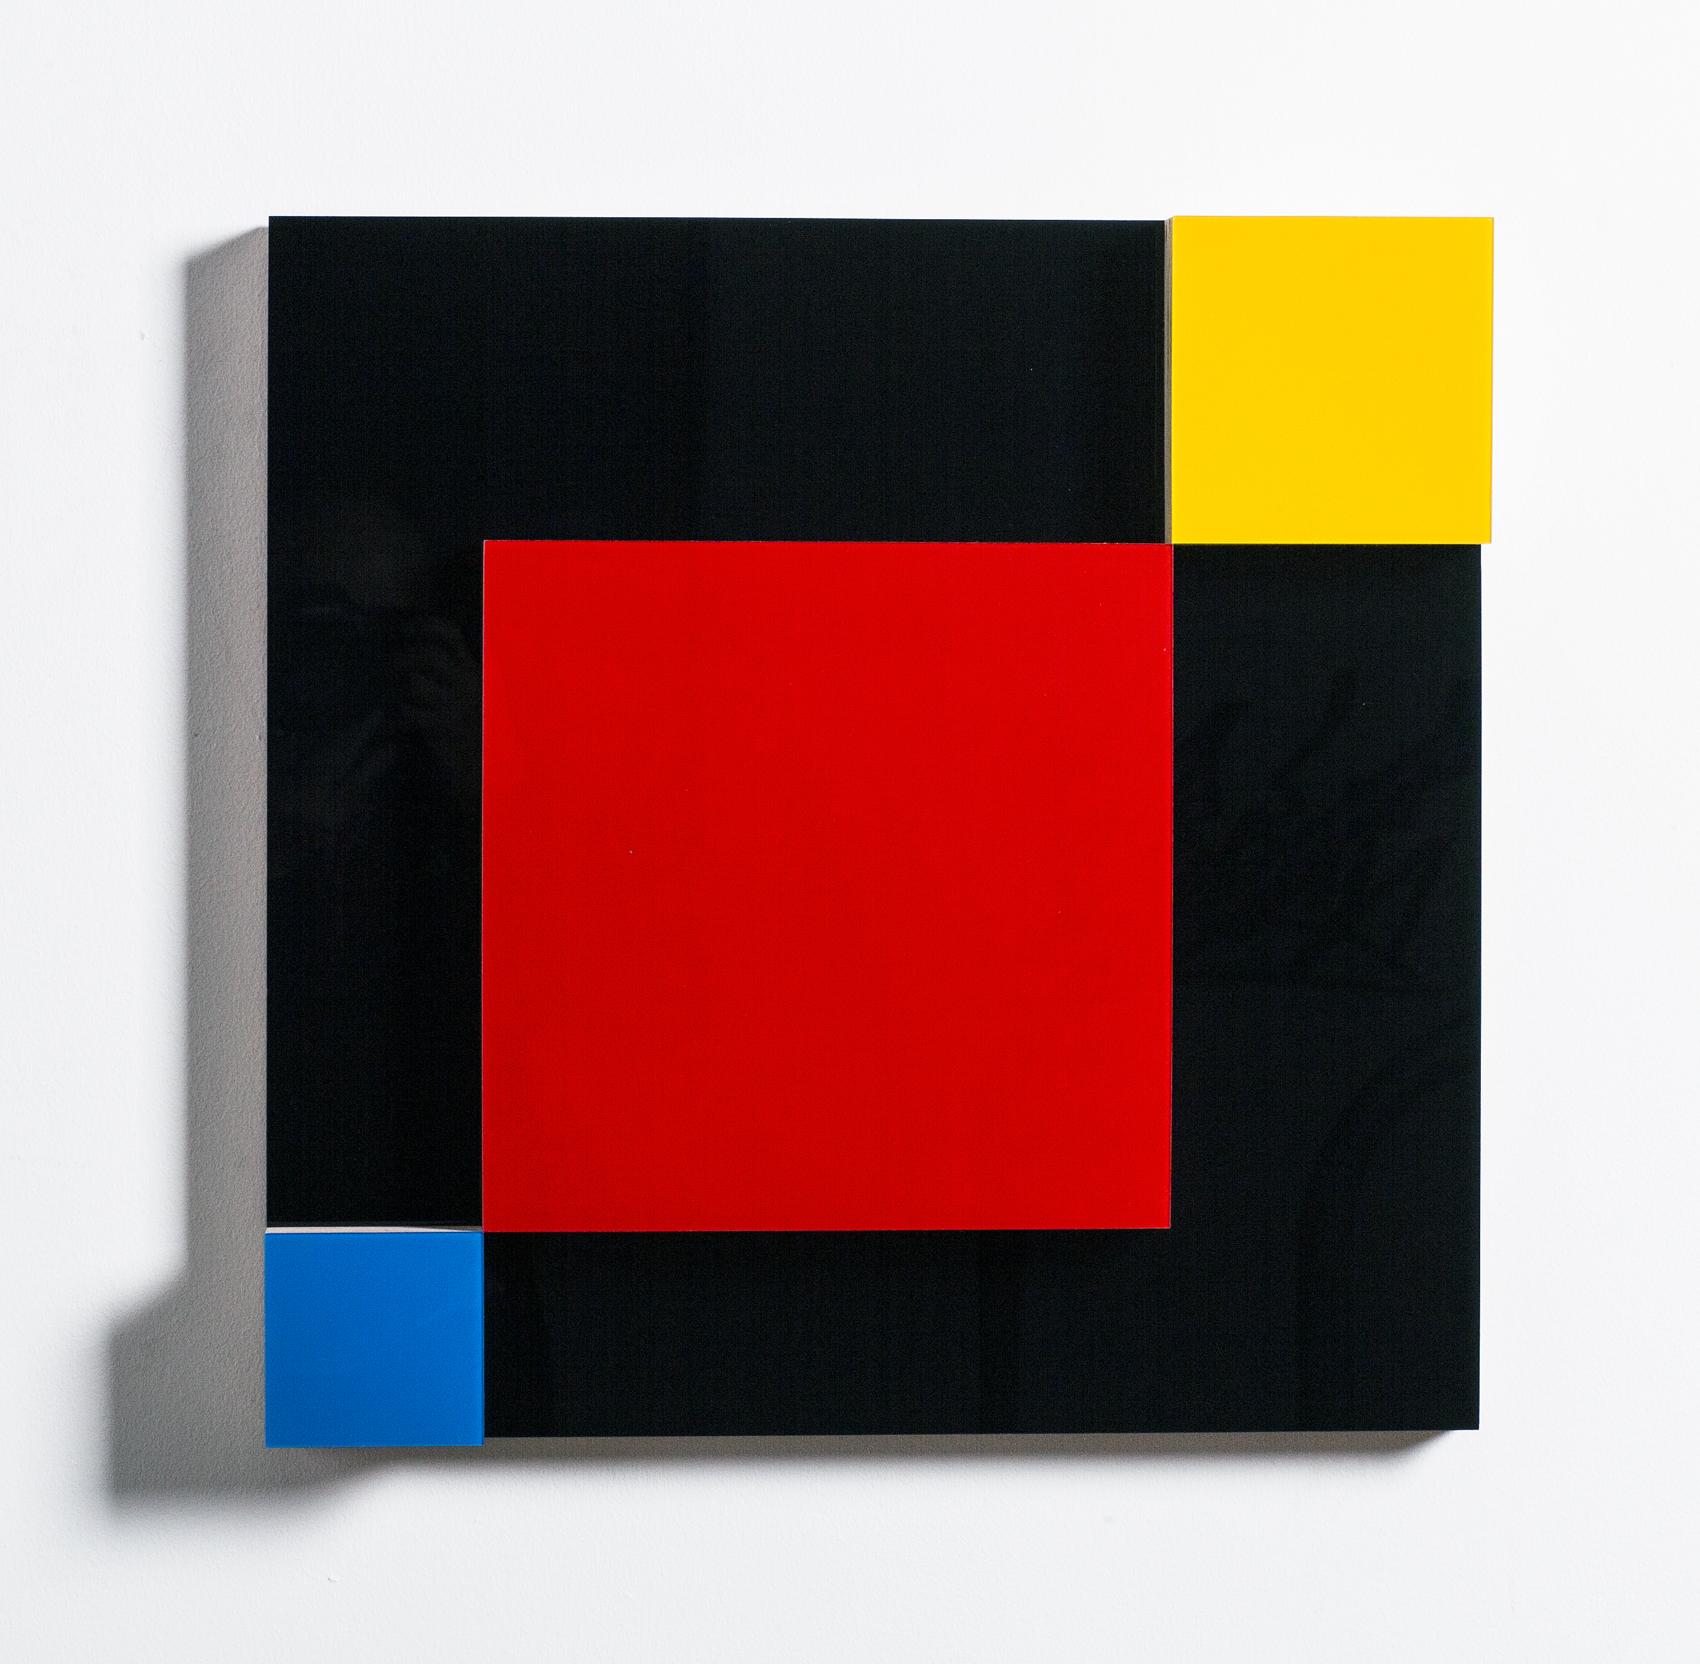 Composition 0416 A